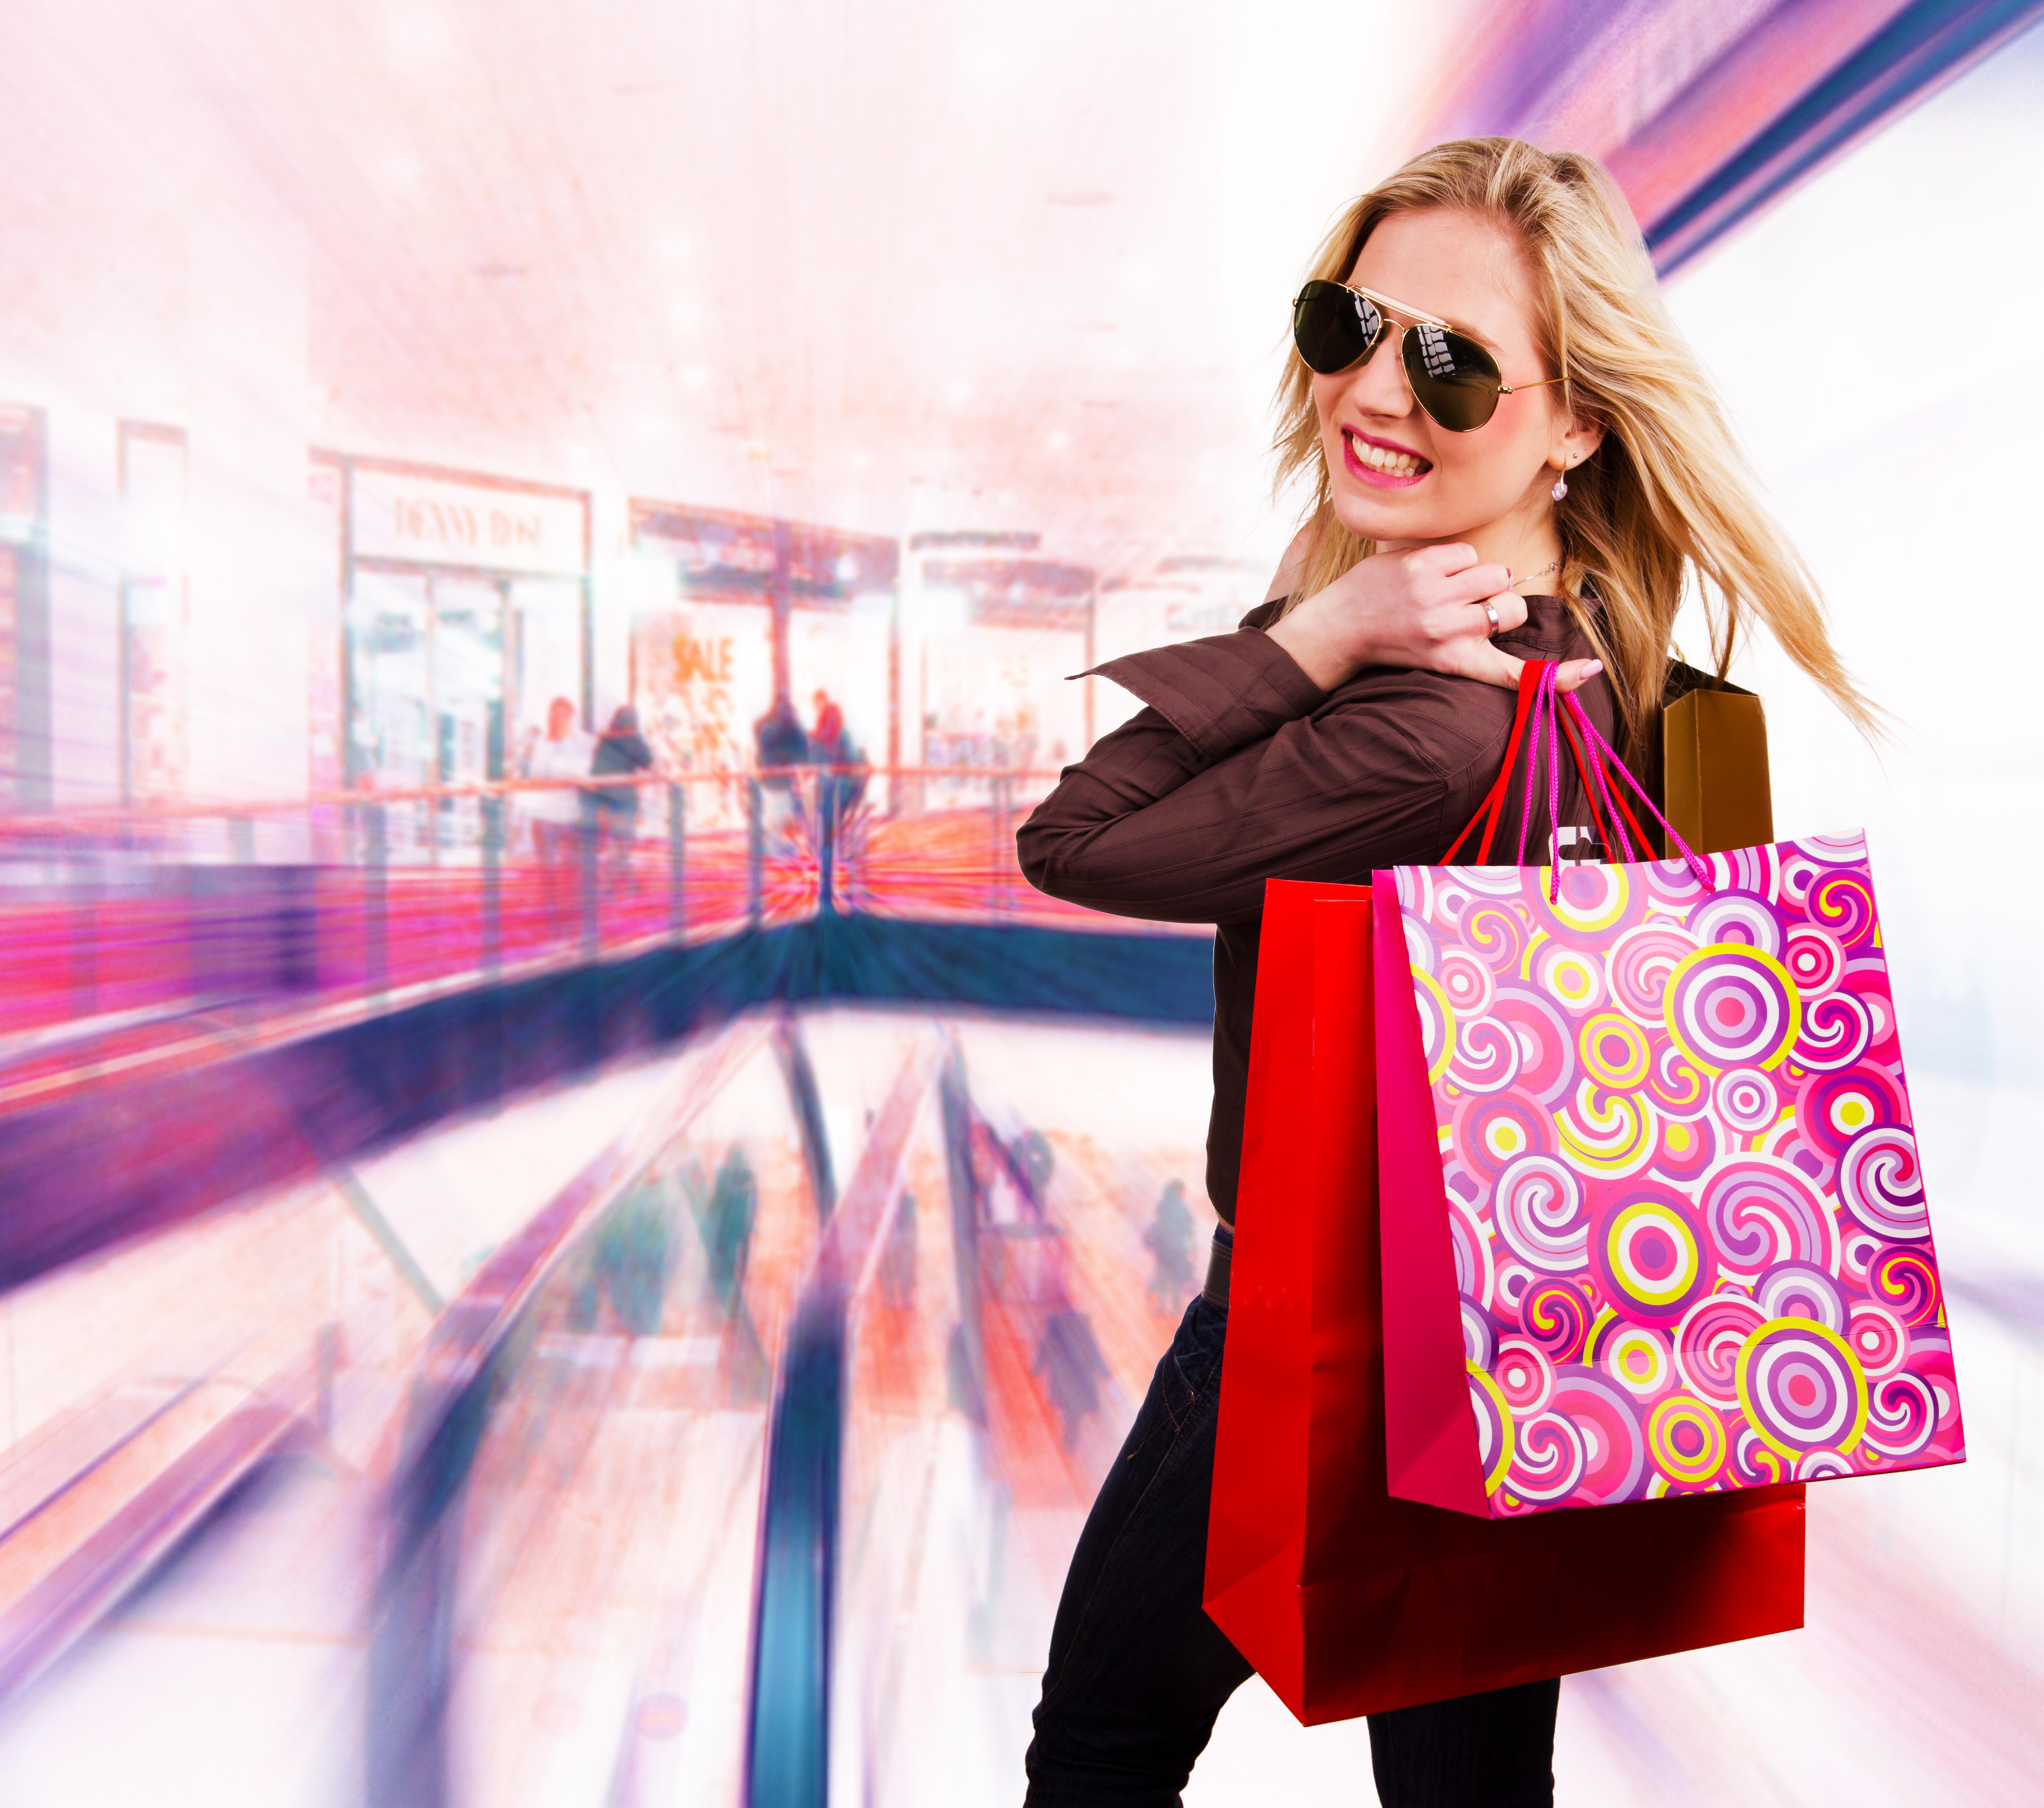 Картинка девушка с покупками одежды